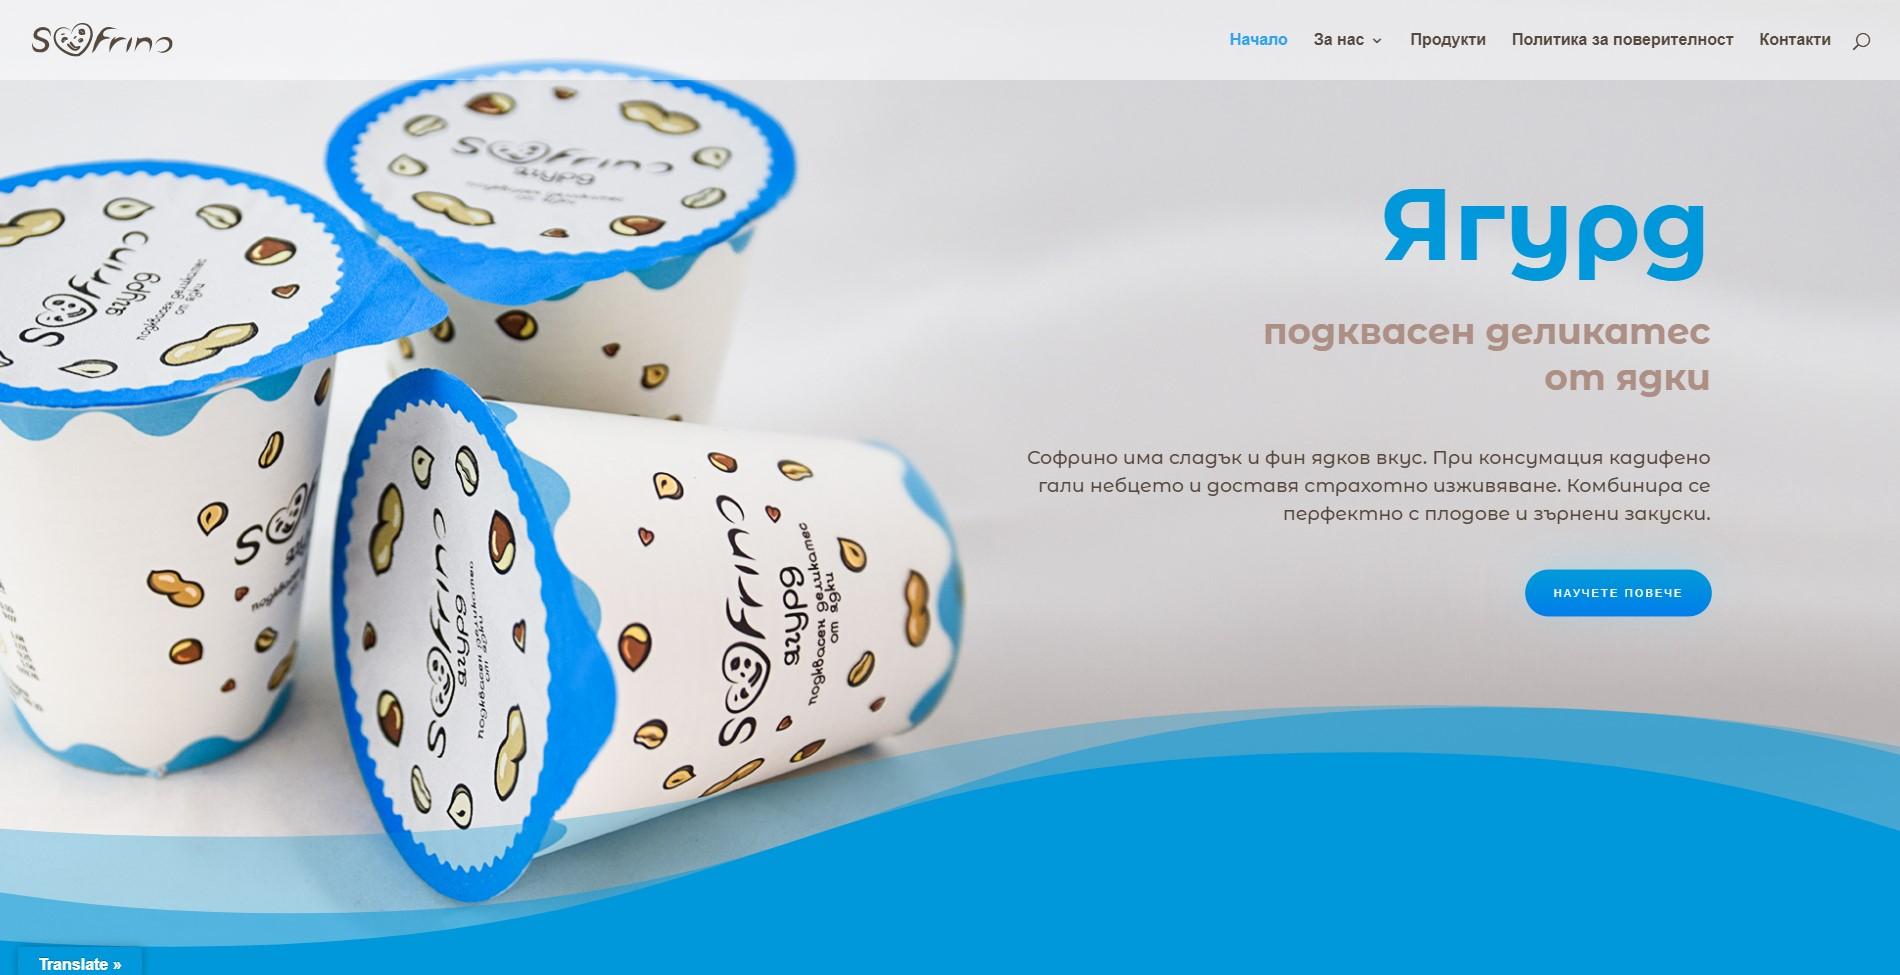 Цялостно изработване на уеб сайт за хранителен продукт